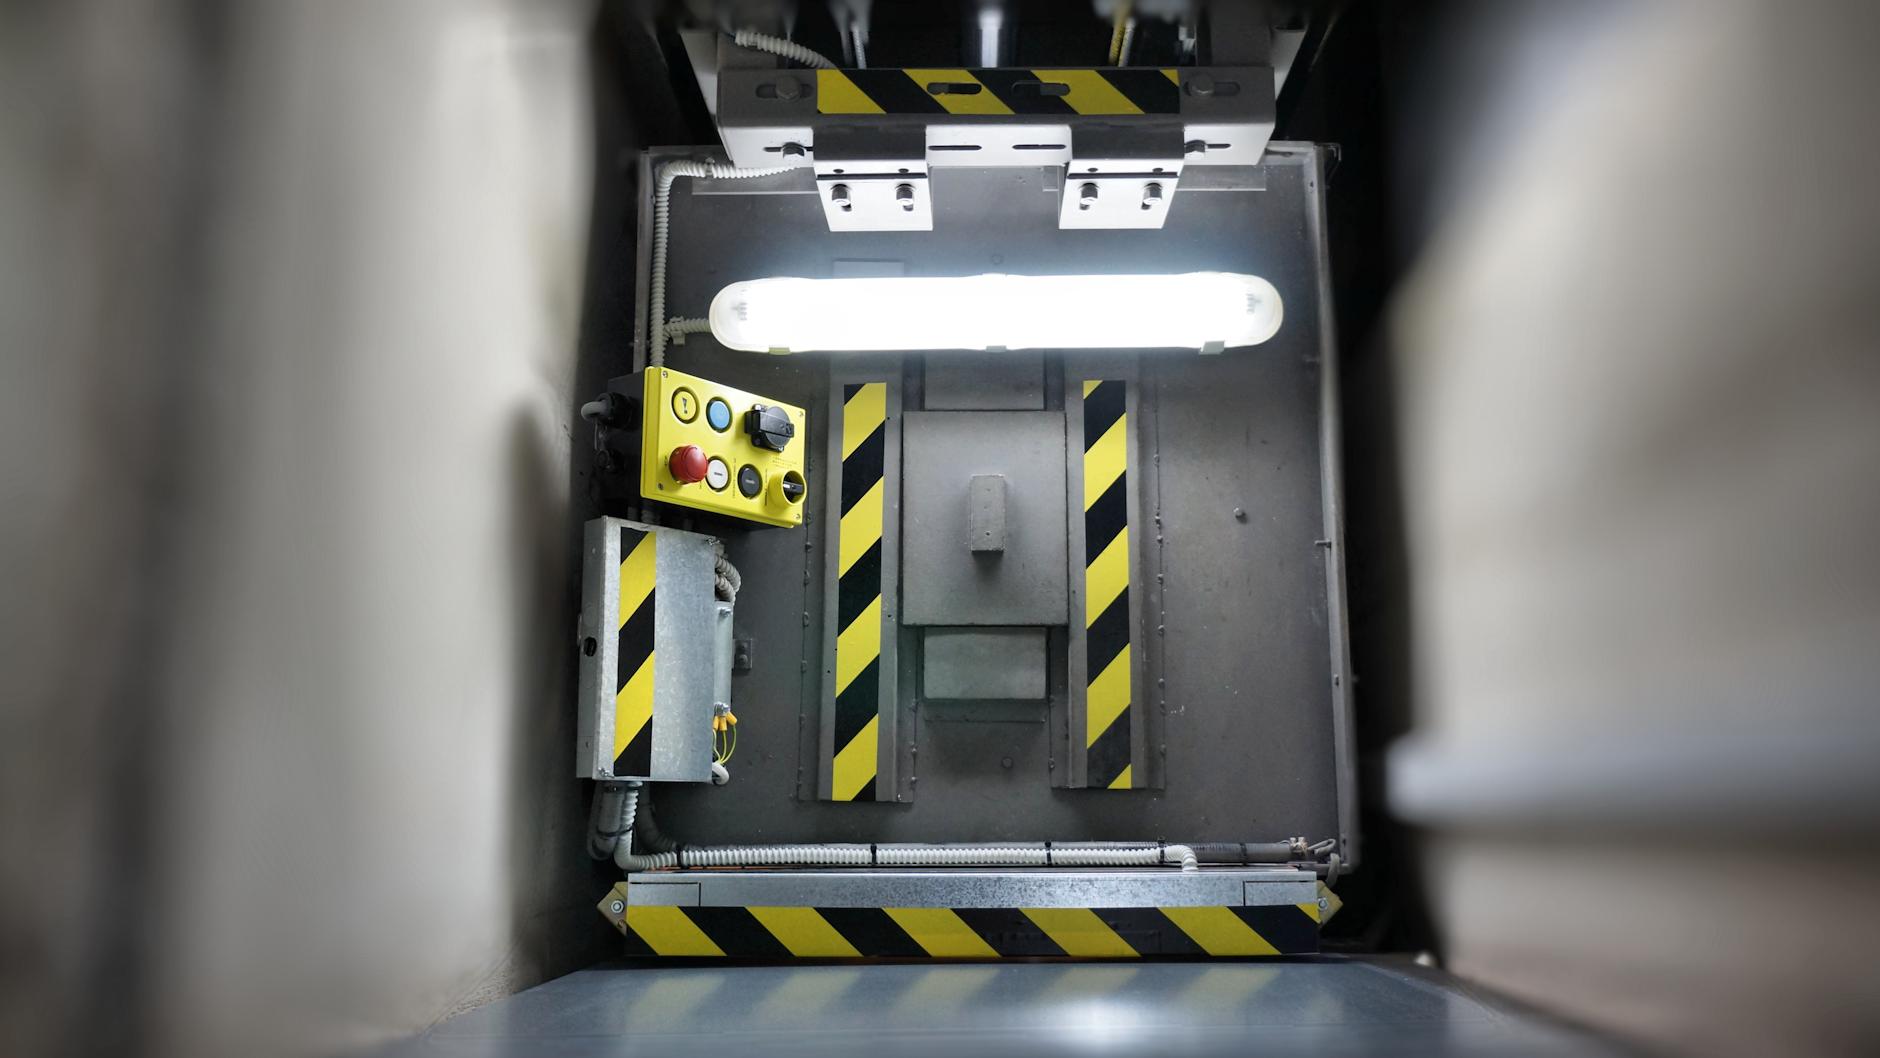 Ανακαίνιση επισκευή ασανσερ - ανελκυστήρα από την NEXTLEVEL ΑΝΕΛΚΥΣΤΗΡΕΣ TUV CERT (9)